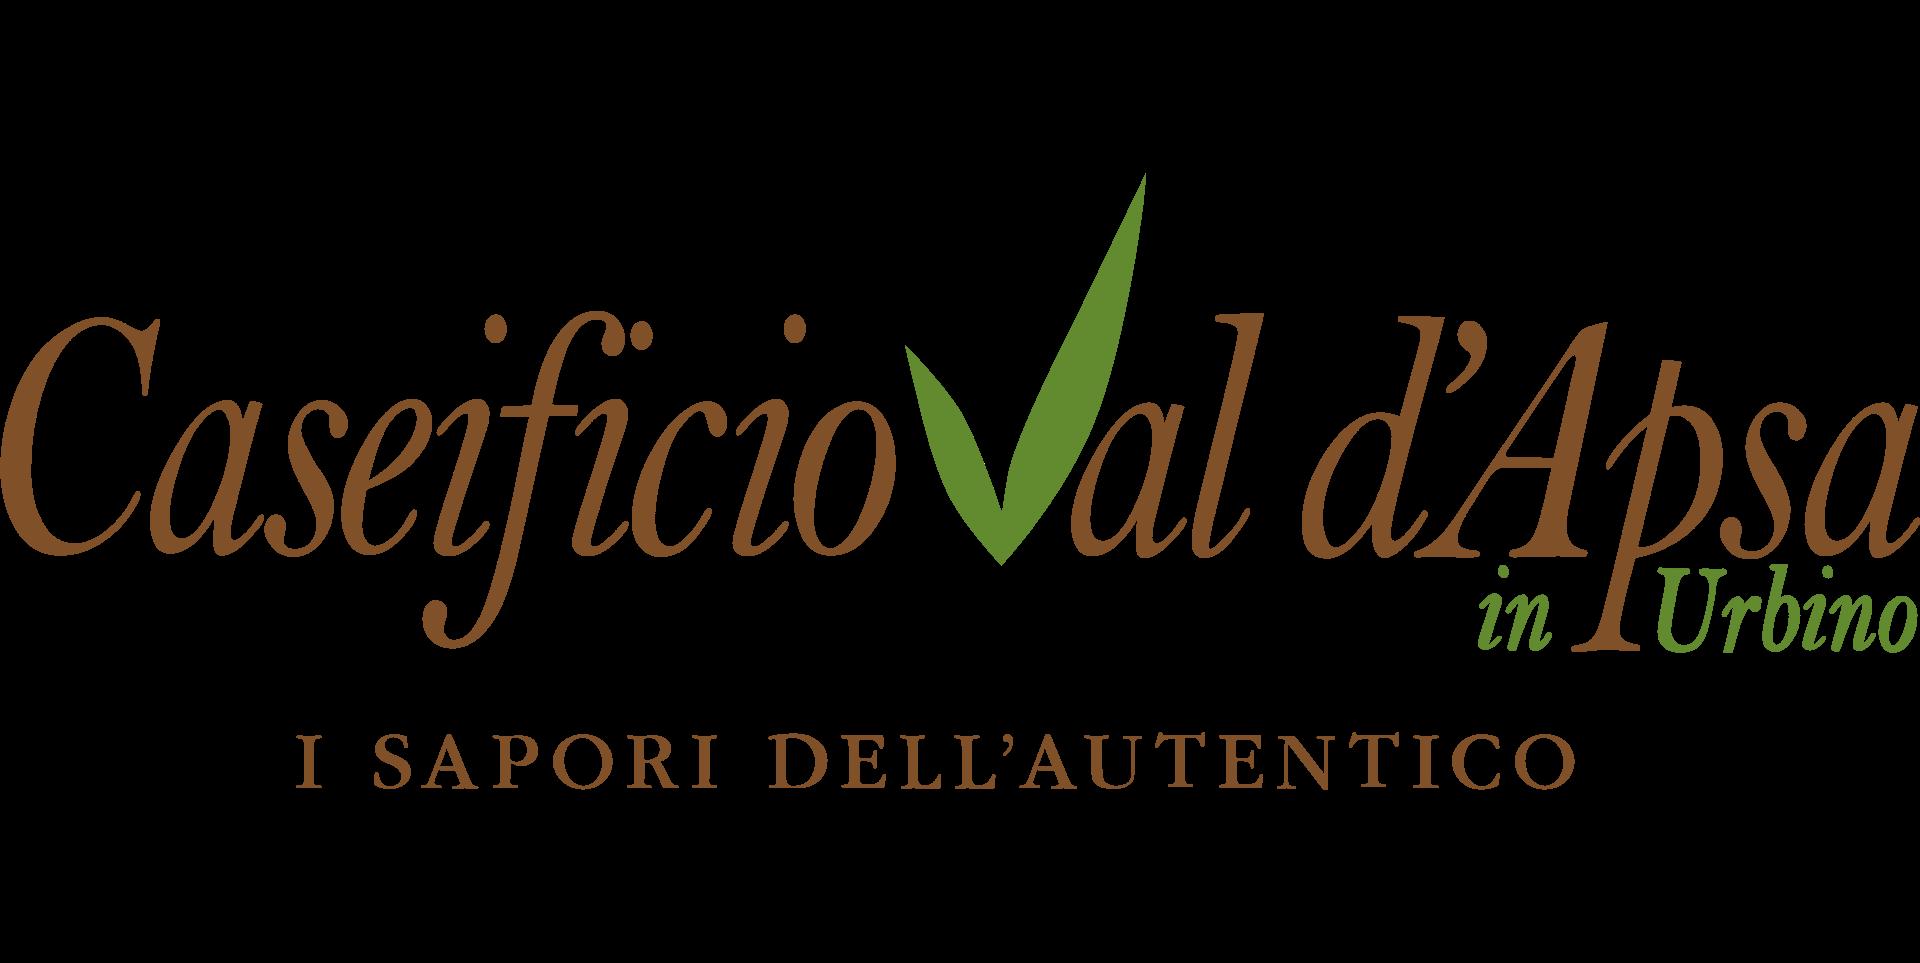 valdapsa-logo